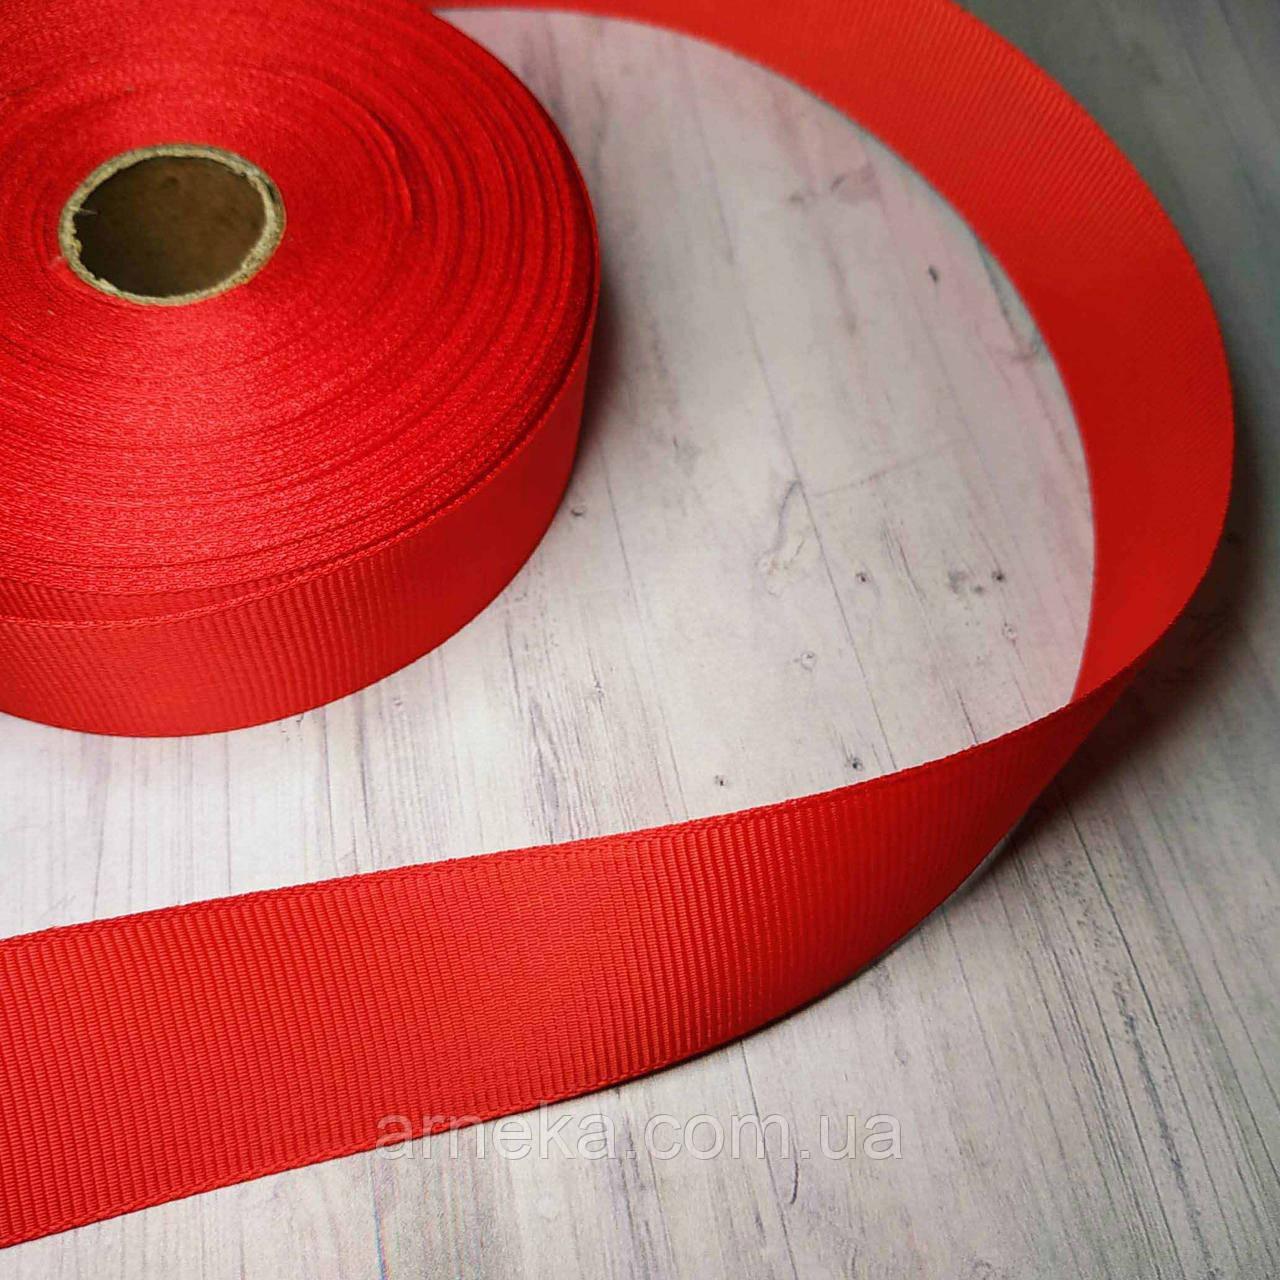 Репсова стрічка 2,5 см червона